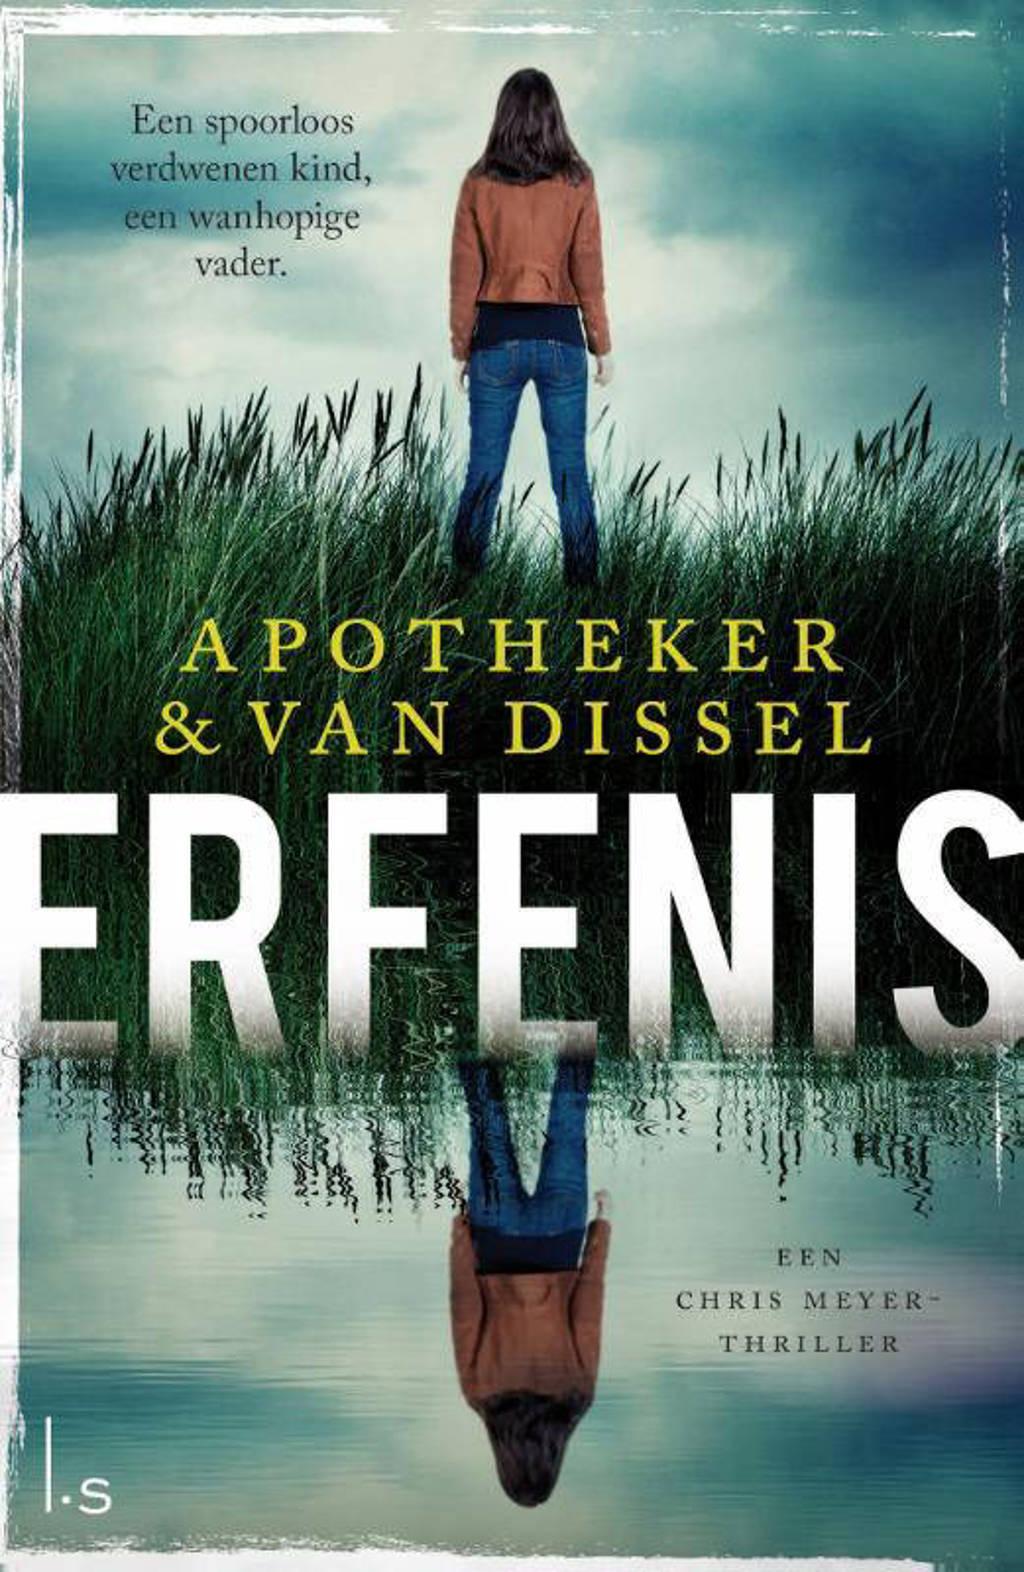 Erfenis - Apotheker & Van Dissel